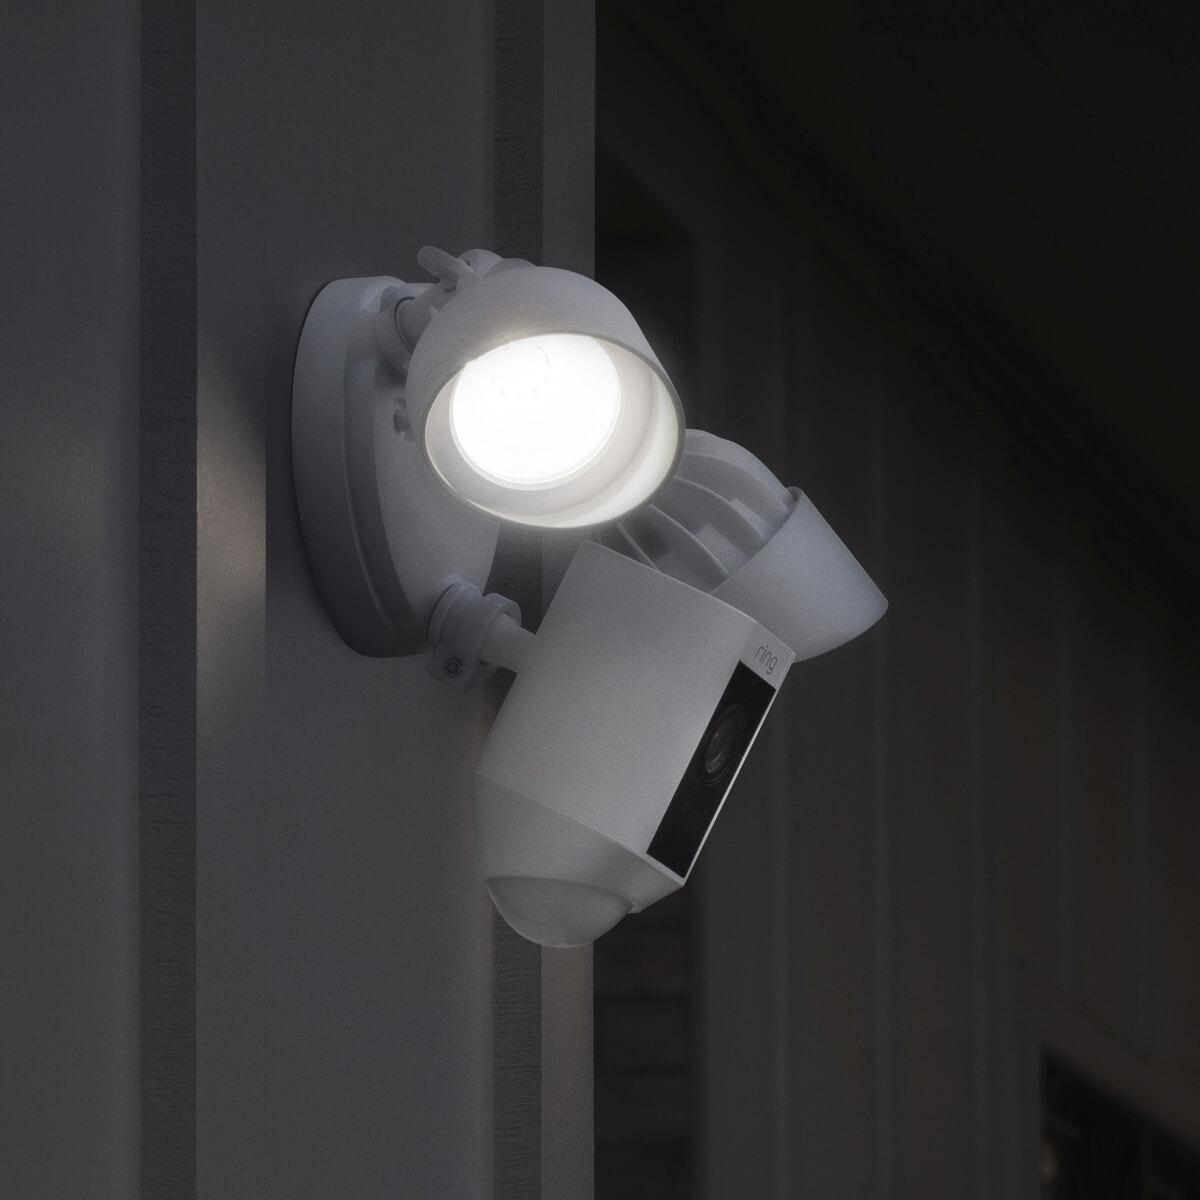 Floodlight Kamera von Ring